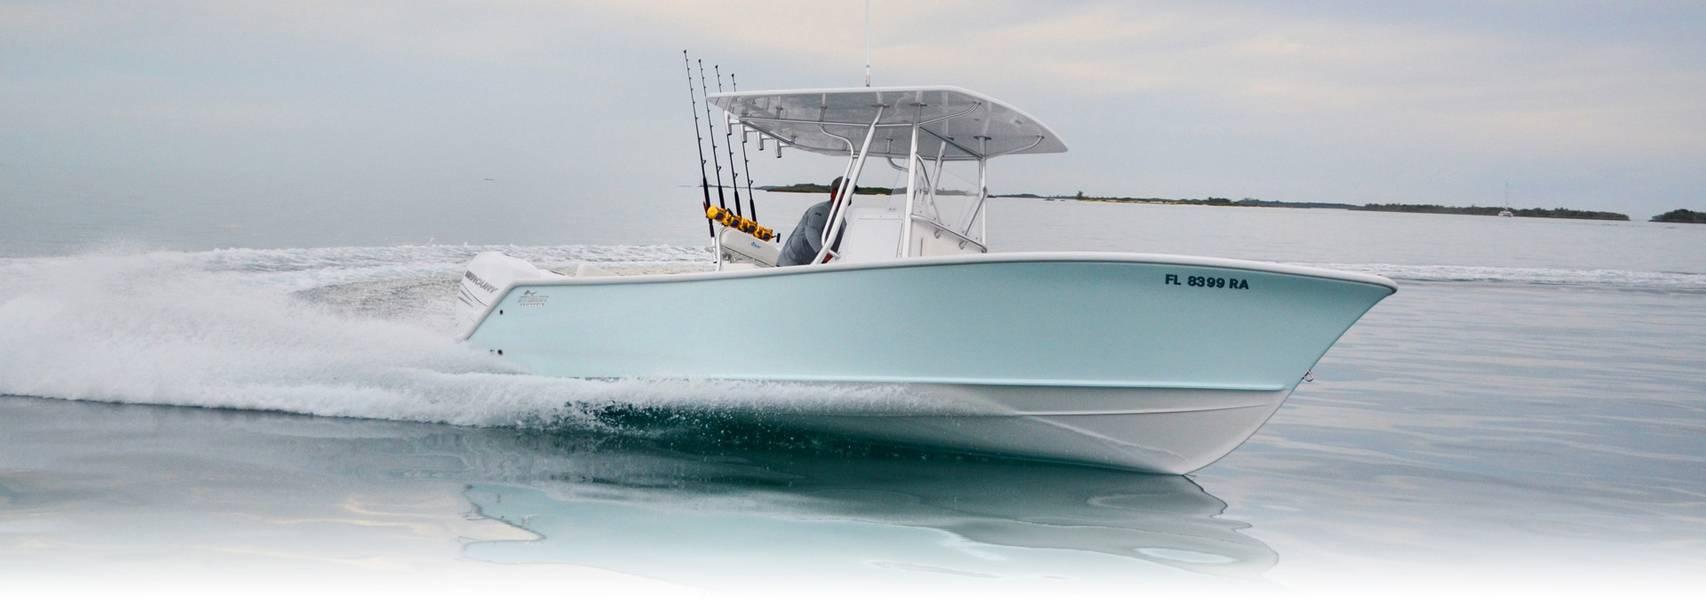 Die Stuart Boatworks 27 war ein Gamechanger für Ocean5, der dieses Jahr zum ersten Mal auf der Miami International Boat Show gezeigt wurde. Bild Courtesy Ocean 5 Naval Architects.